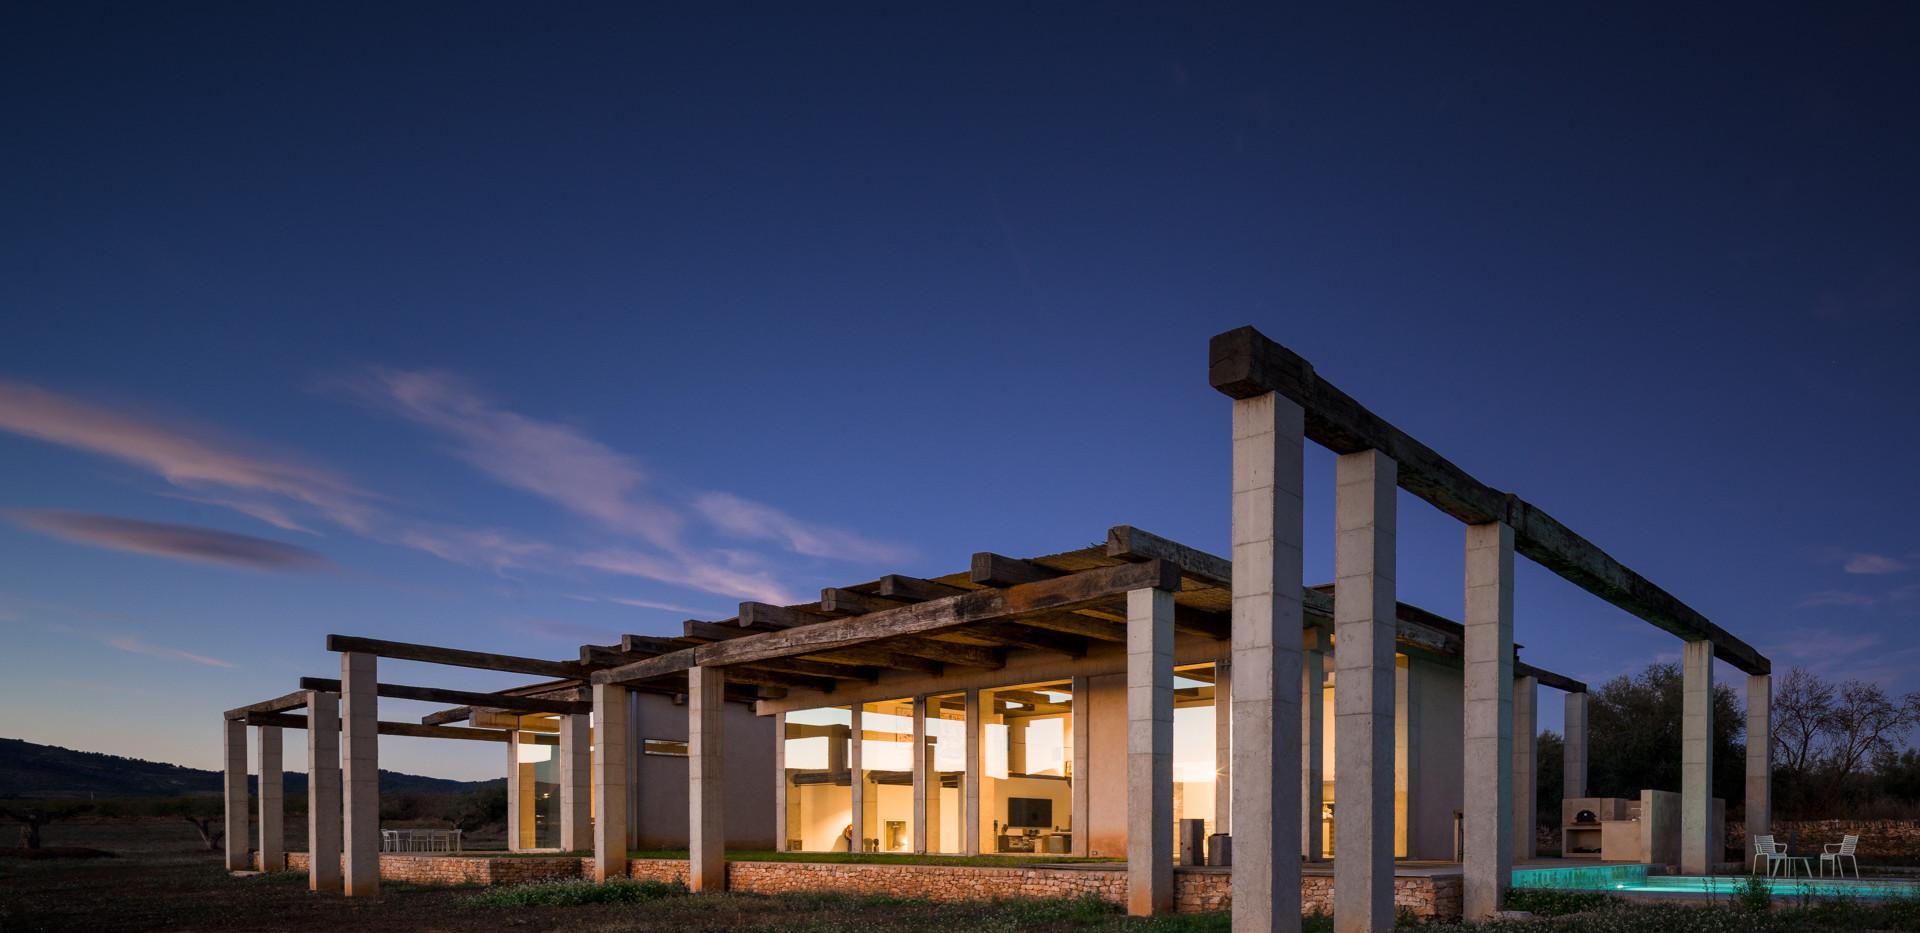 East wing villa